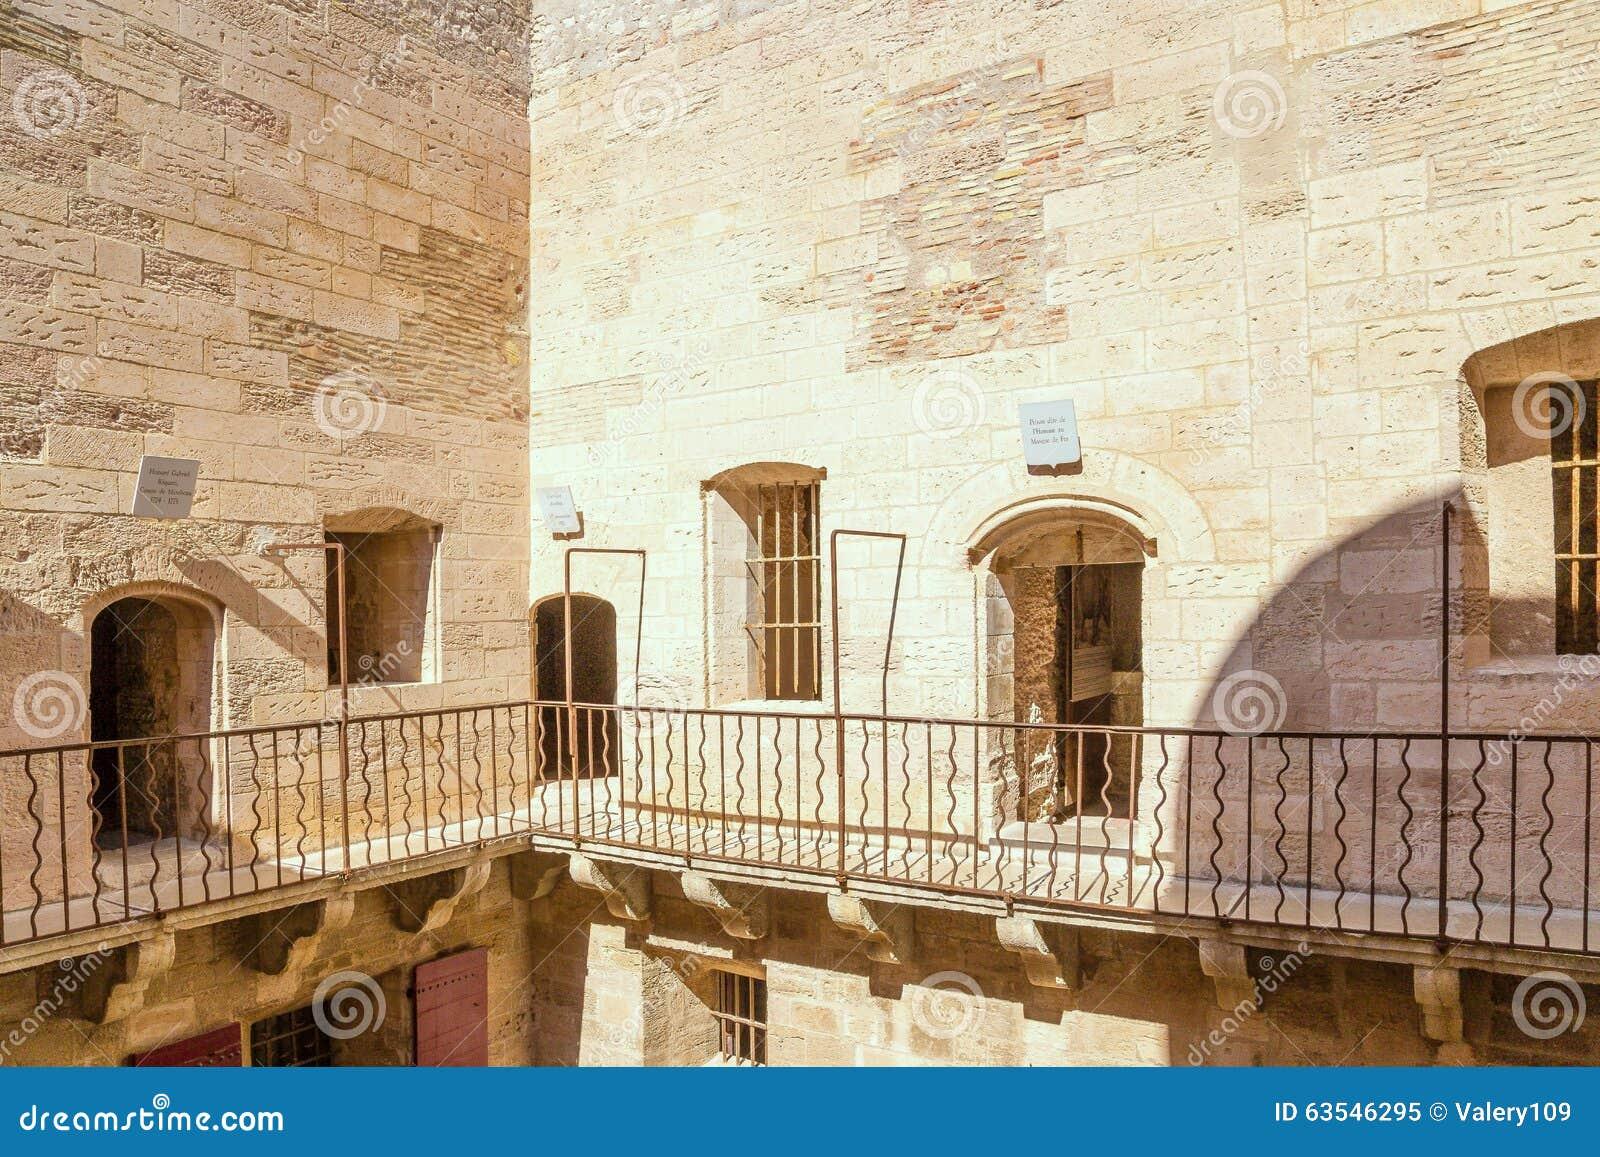 Frankreich Der Gefängnishof und die Nummernschildgefangenen am Eingang zur Kammer das Chateau d If